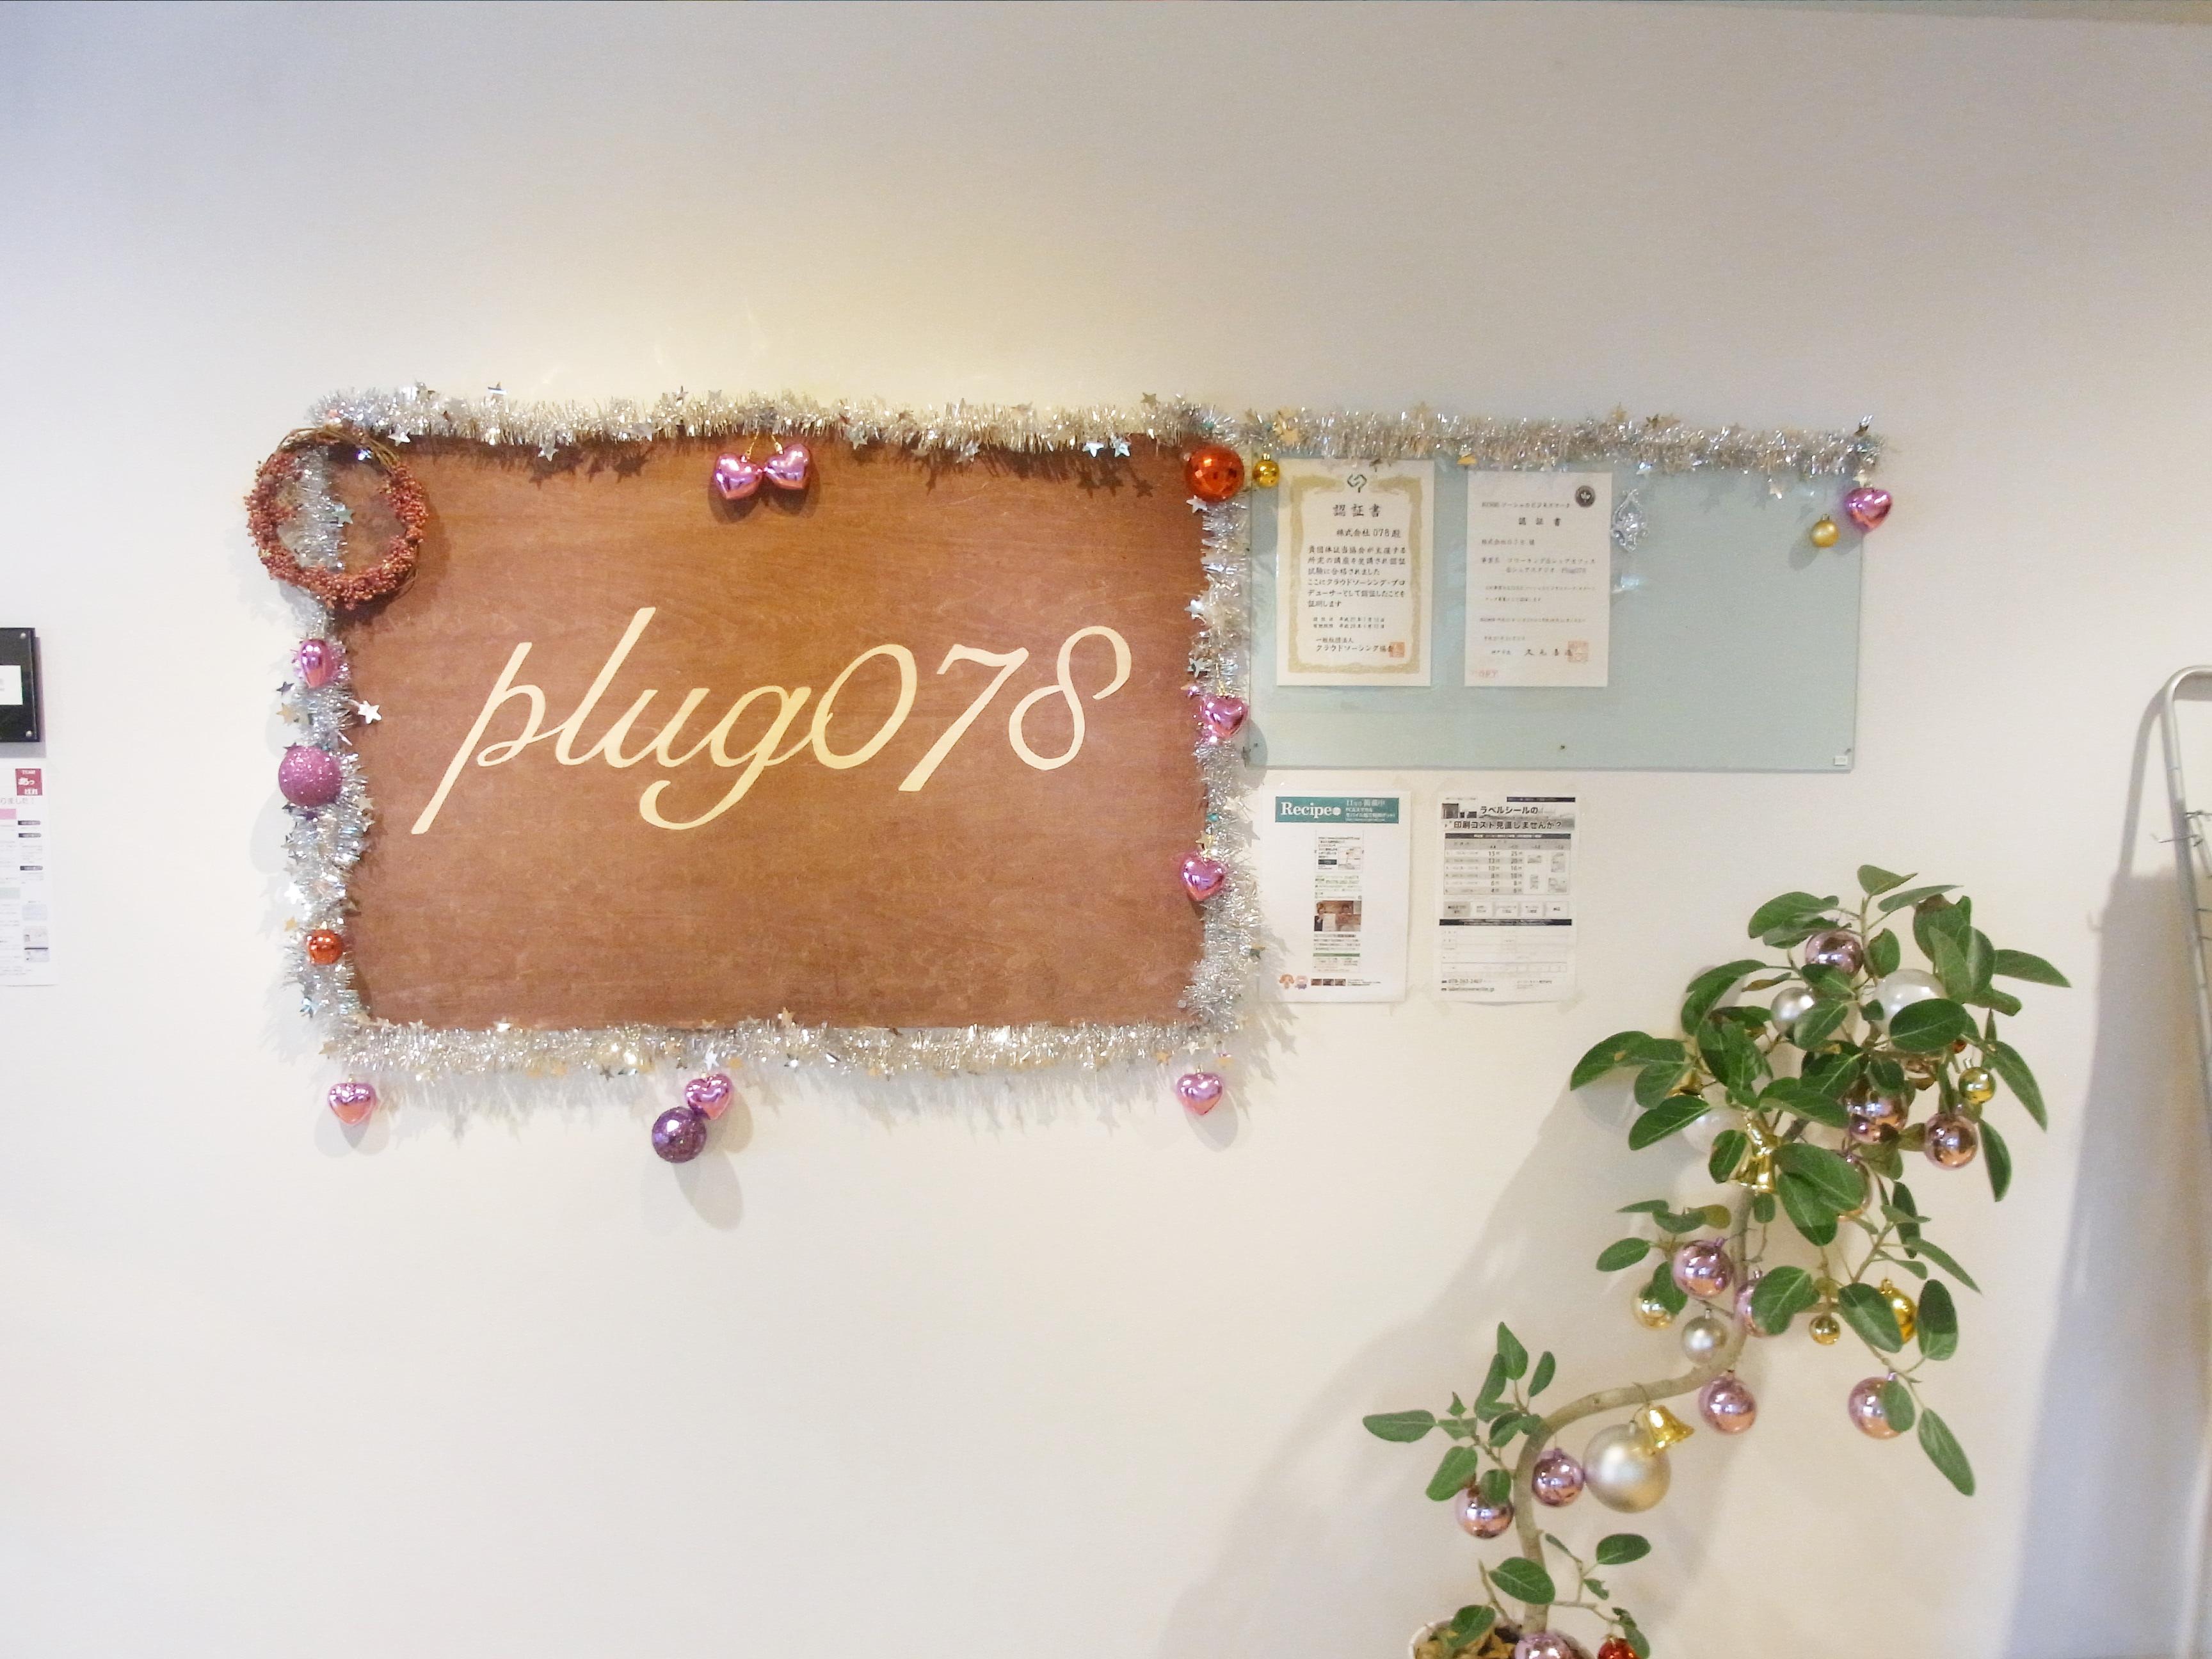 新神戸駅近くのコワーキングスペースplug078とビジコン078[突撃取材][第11回]